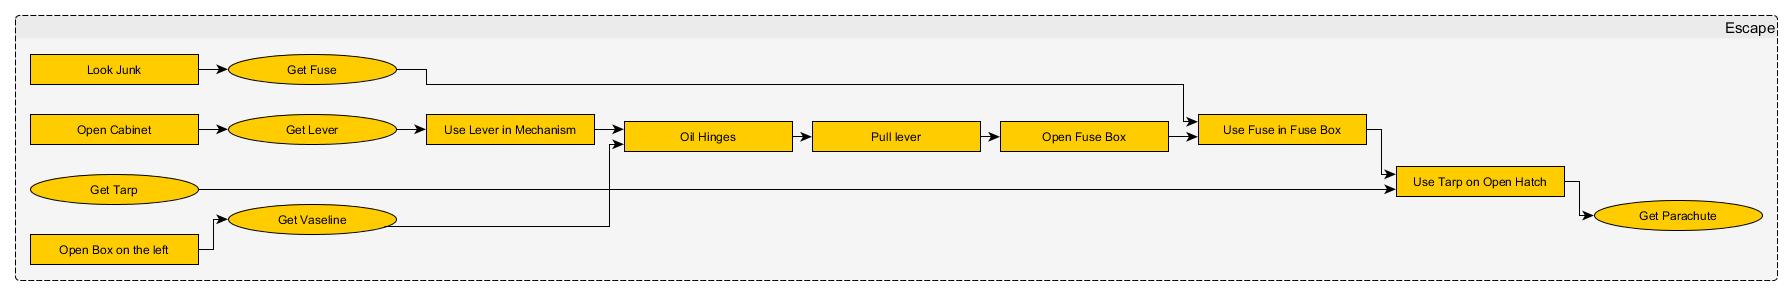 zak mckracken 2 puzzle dependency chart, zak mckracken between time and space puzzle dependency chart, puzzle dependency chart